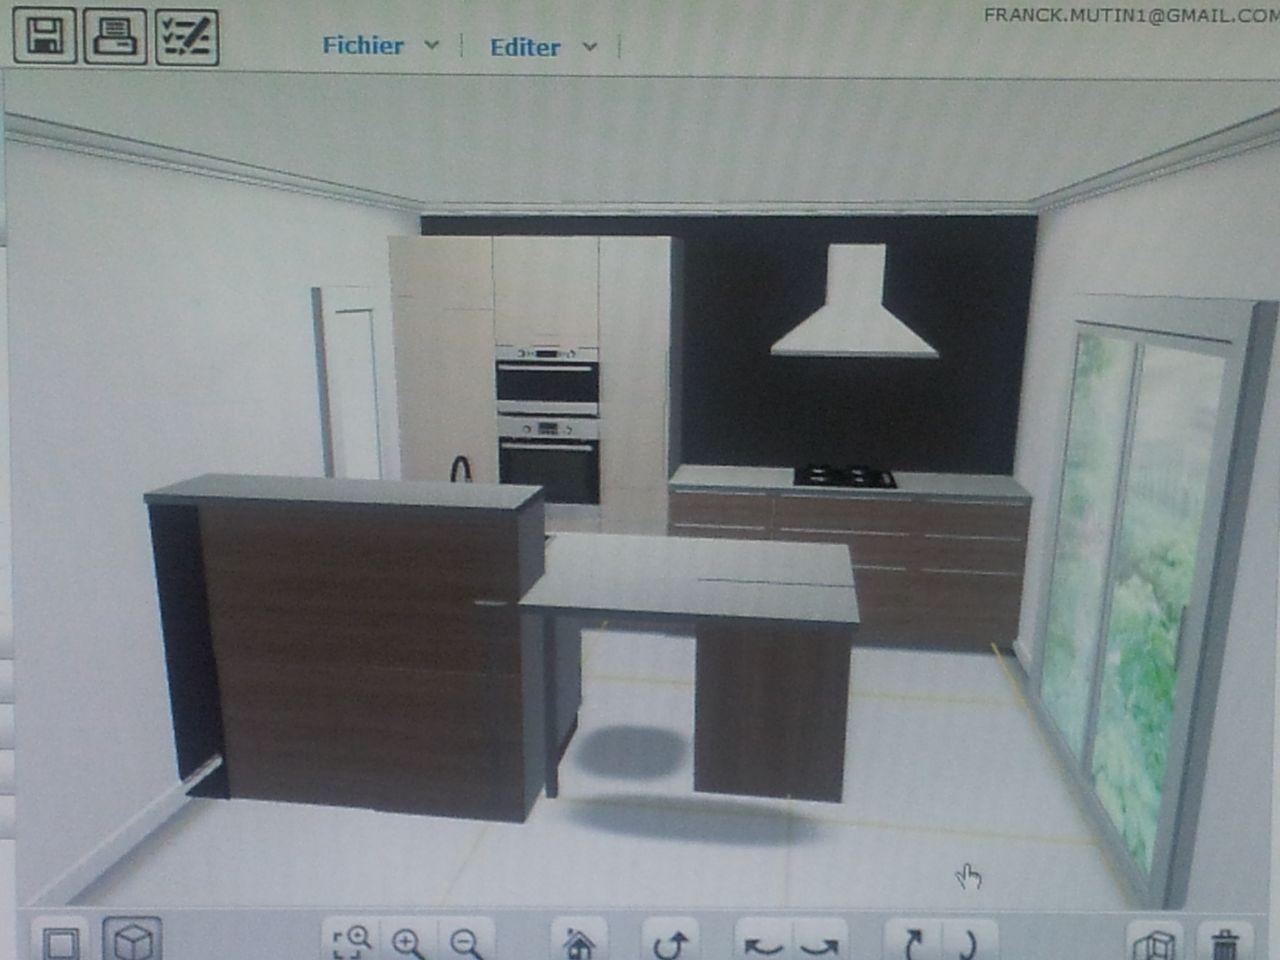 cuisine ikea votre avis avec des id es int ressantes pour la conception de la chambre. Black Bedroom Furniture Sets. Home Design Ideas